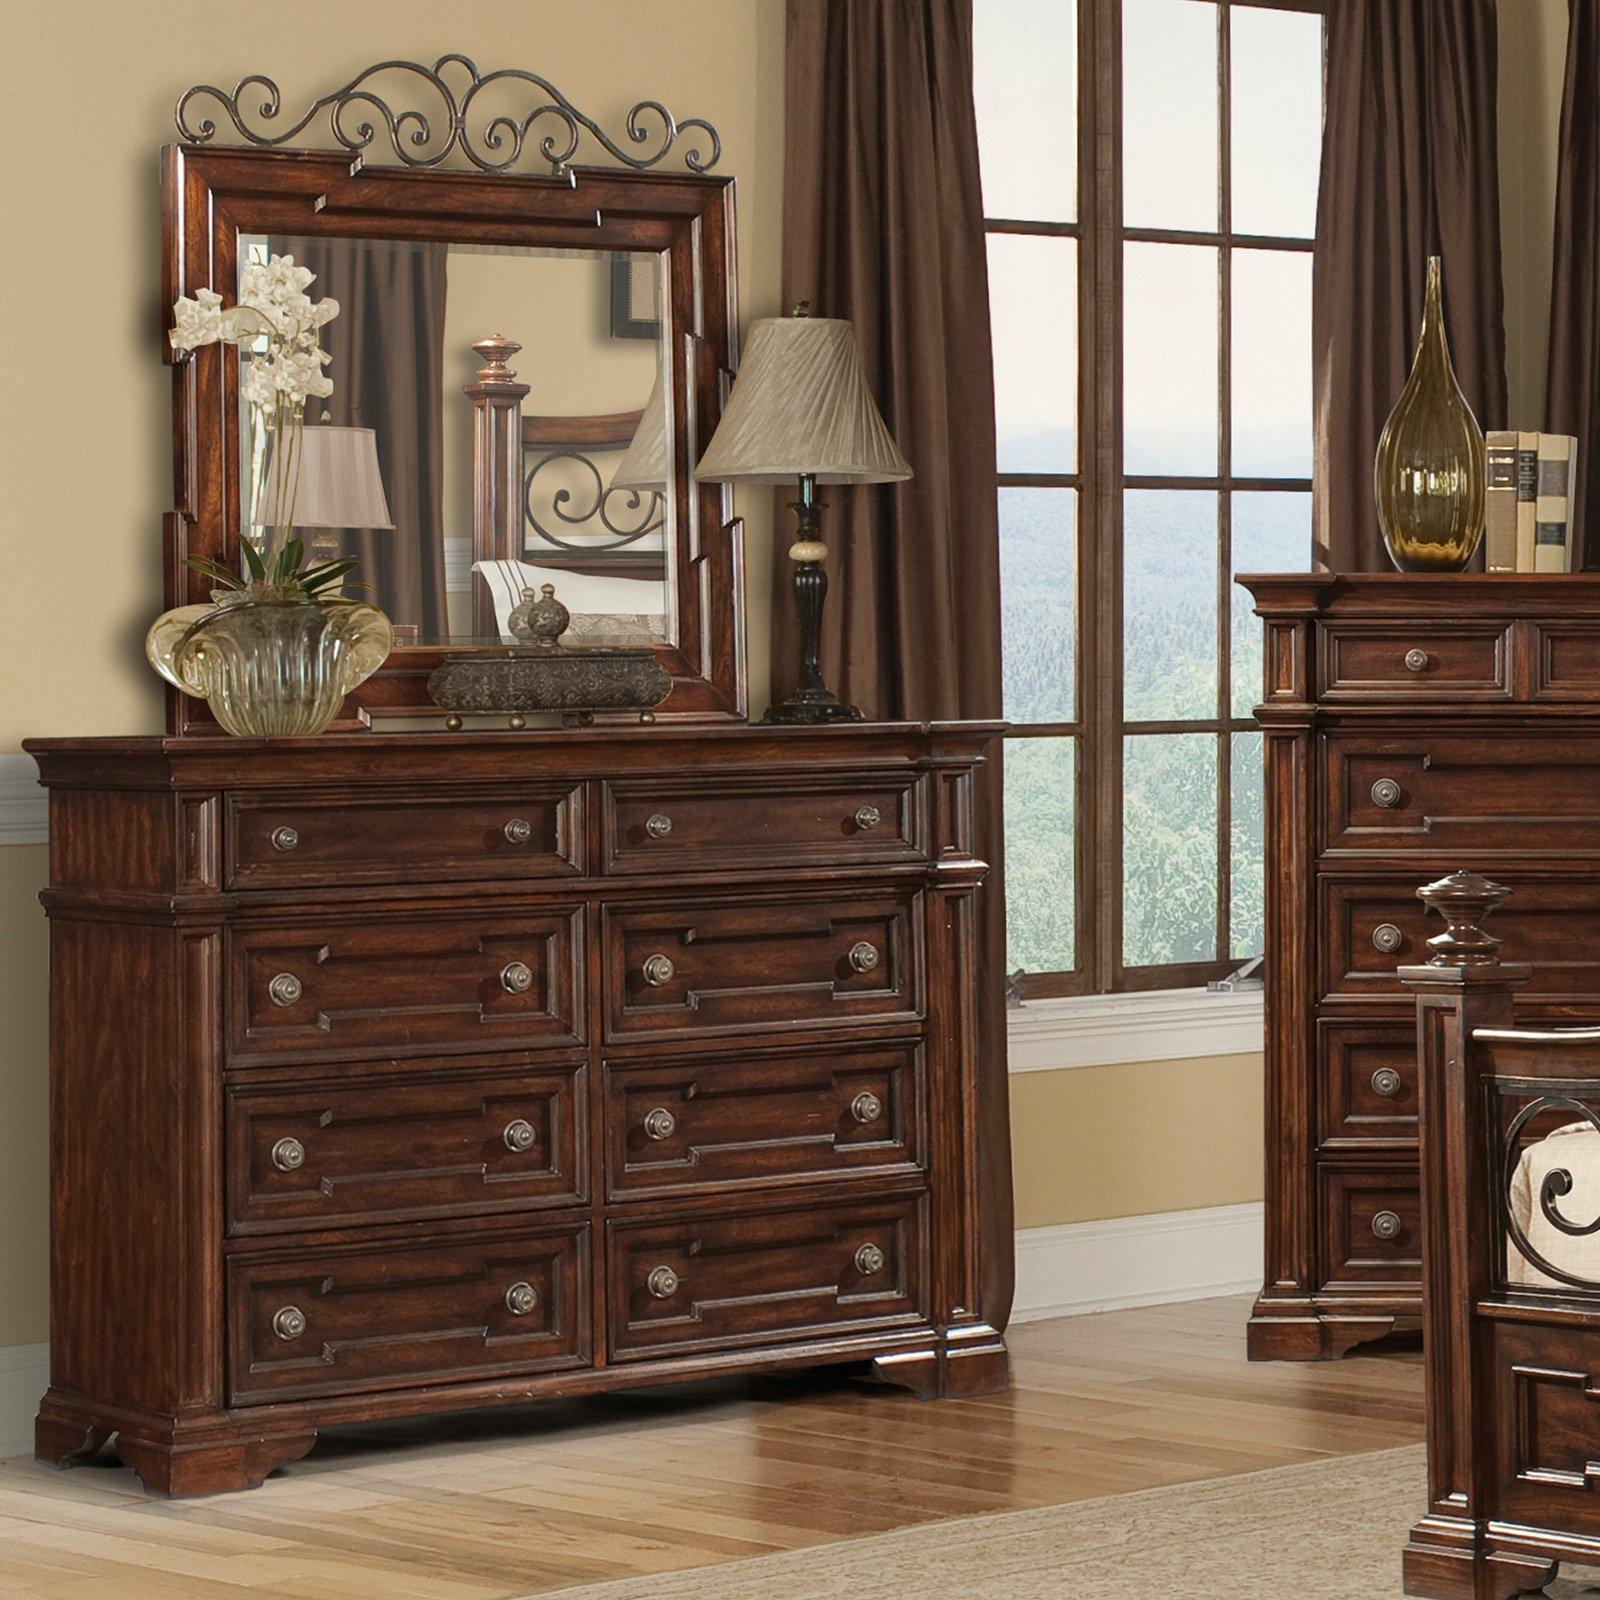 Klaussner San Marcos 8 Drawer Dresser - Dark Cherry